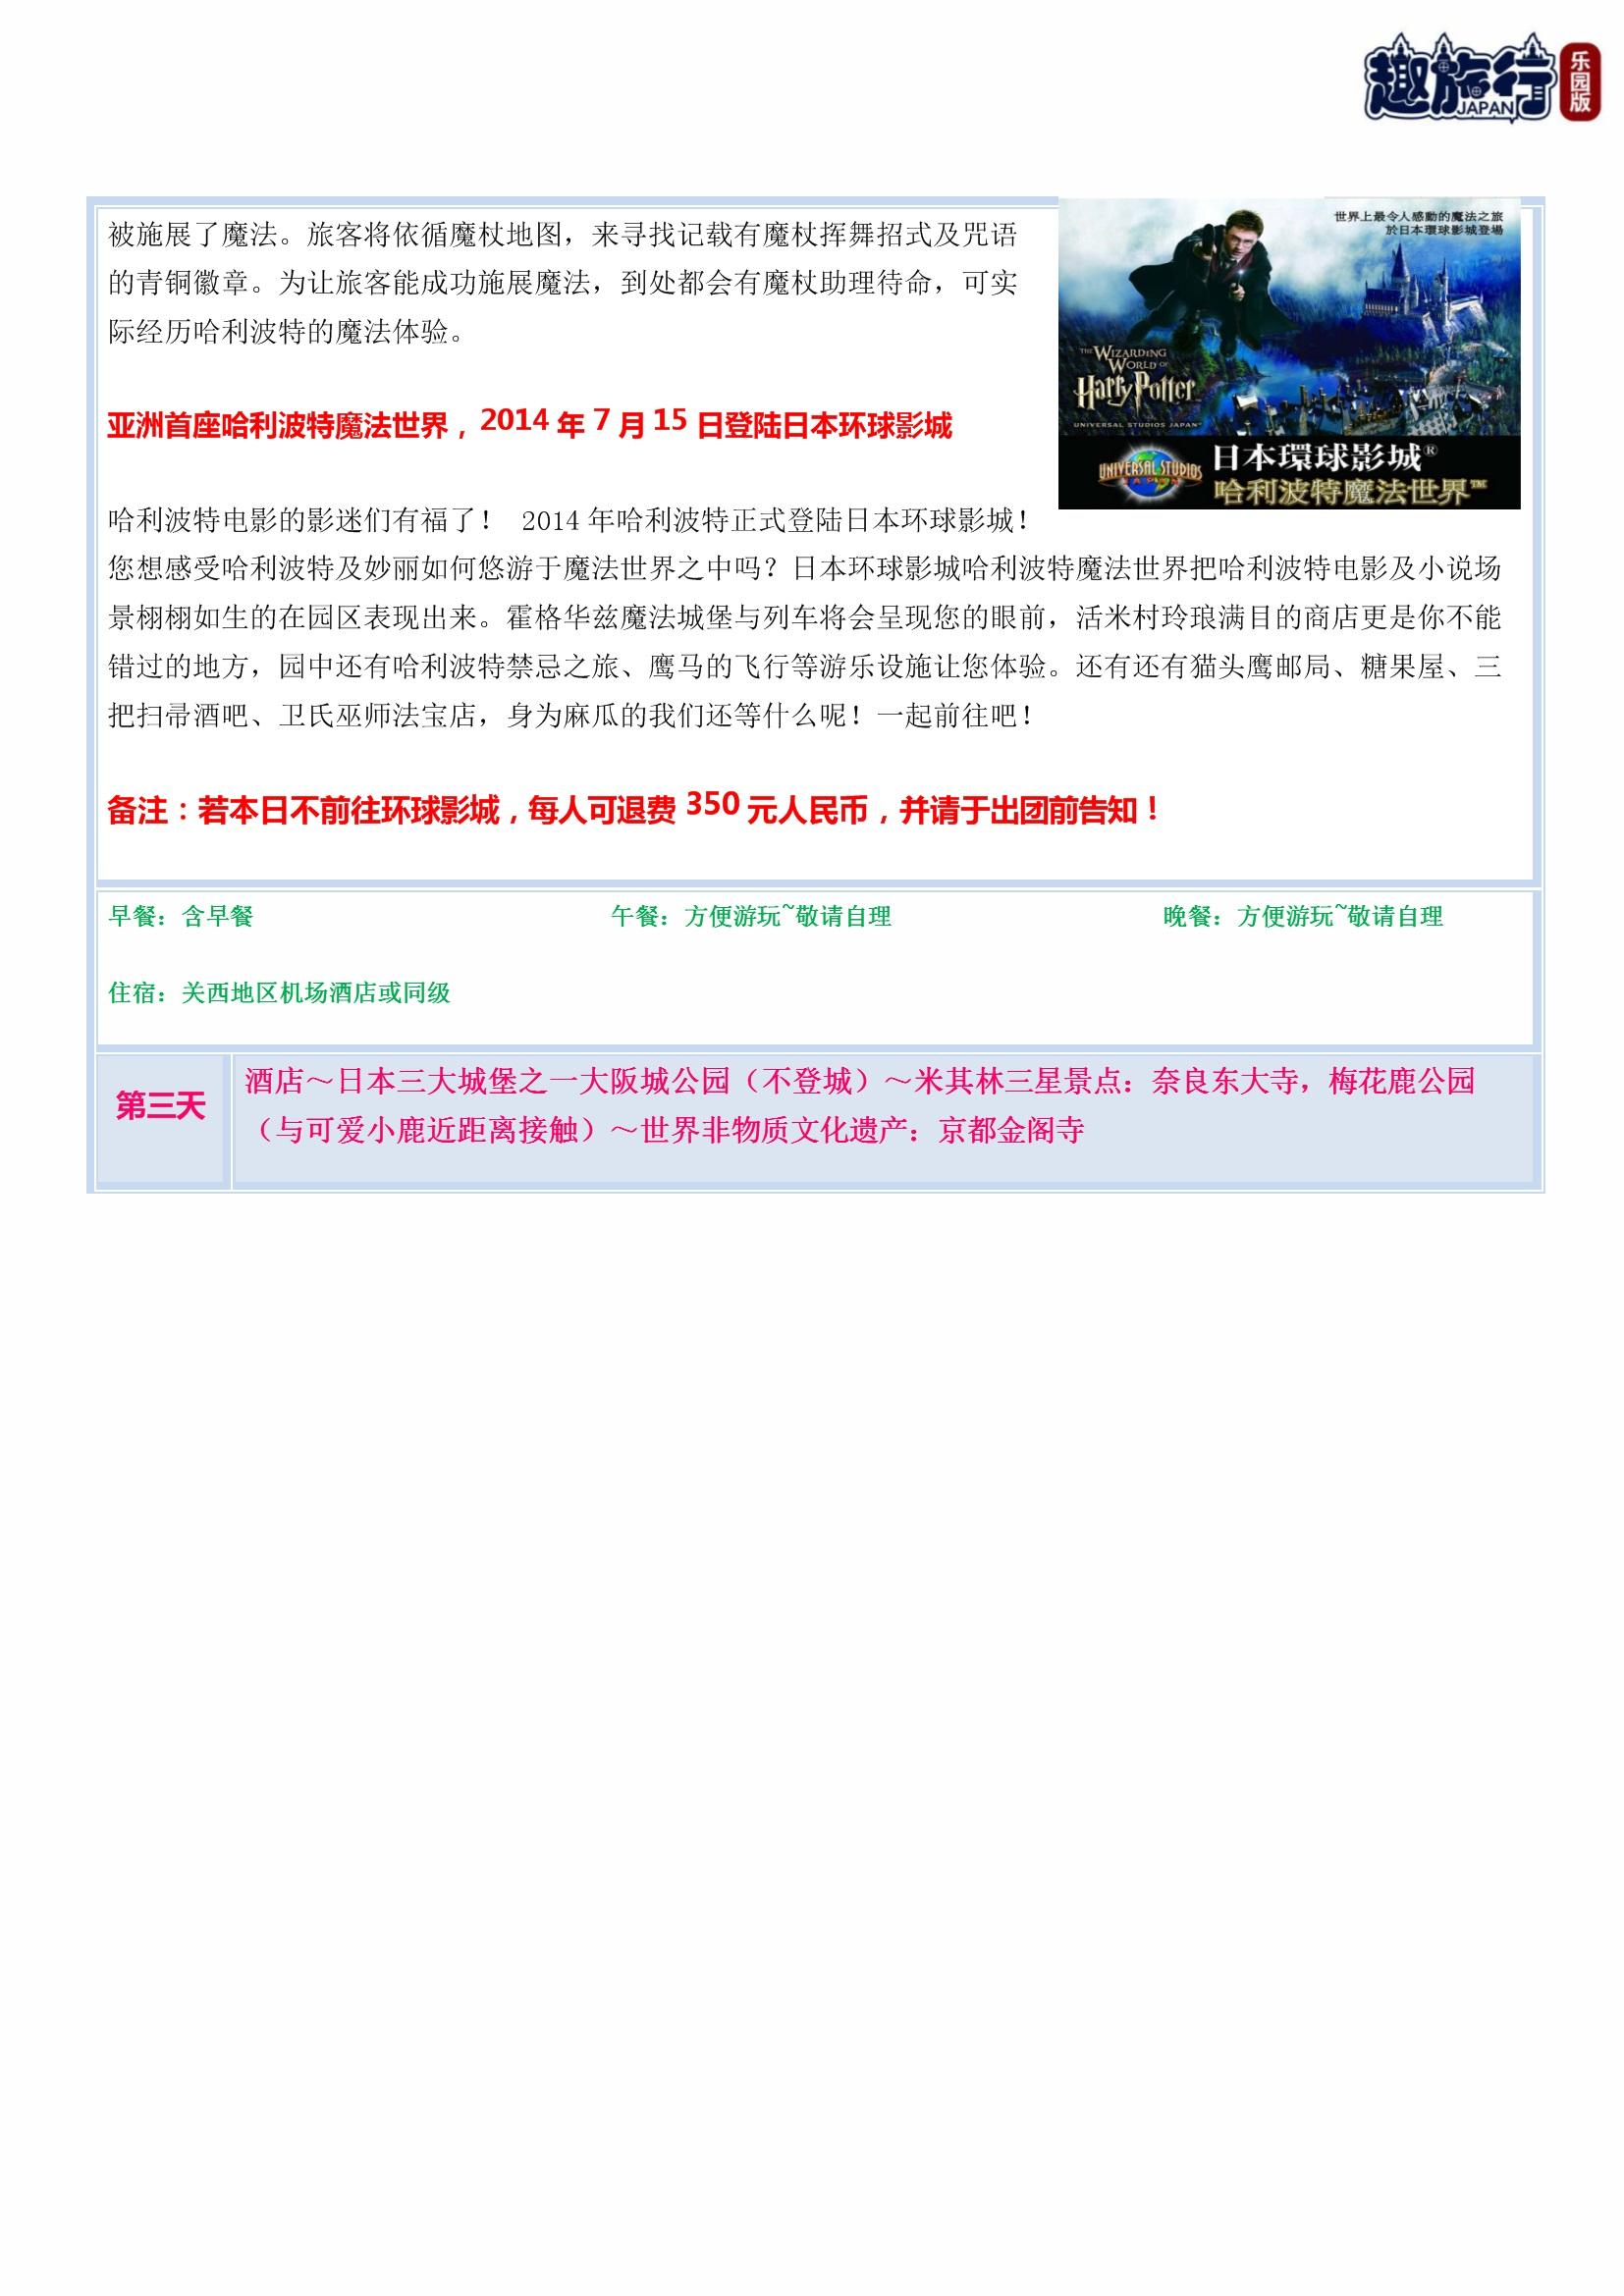 寒假双乐园 (9).jpg